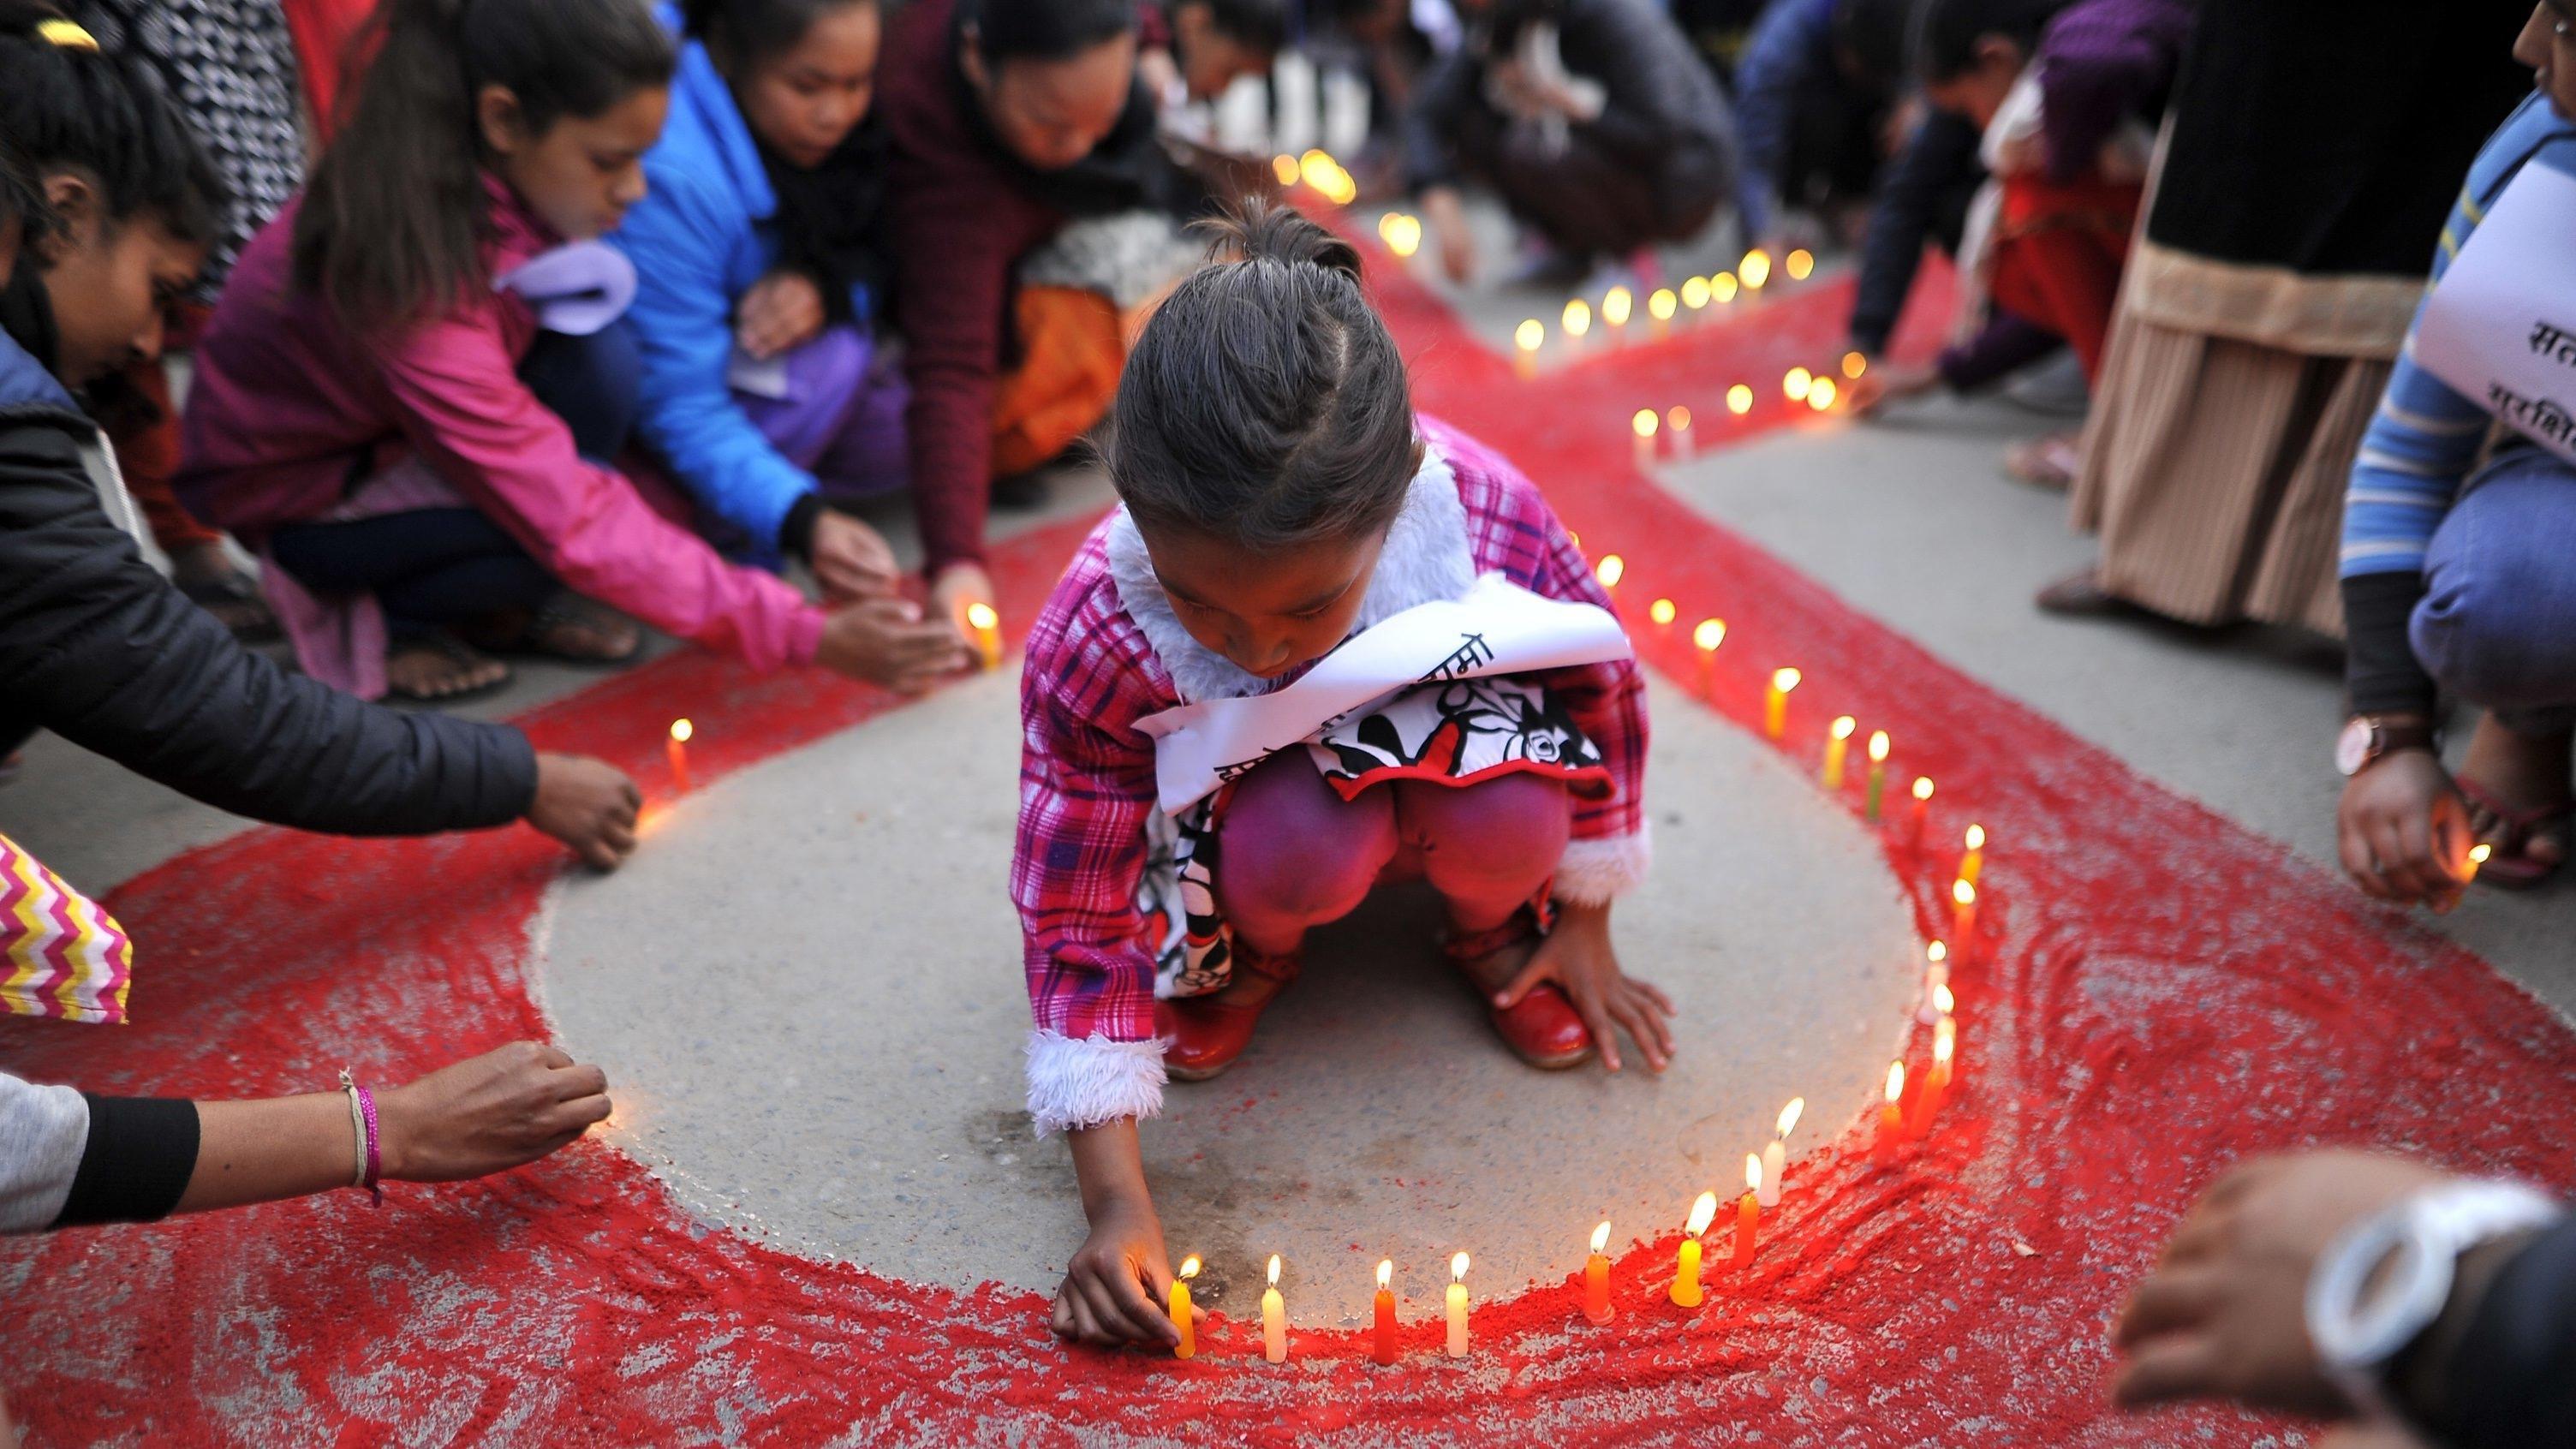 Kinder in Nepal schmücken zum Welt-Aids-Tag eine Aids-Schleife mit Kerzen